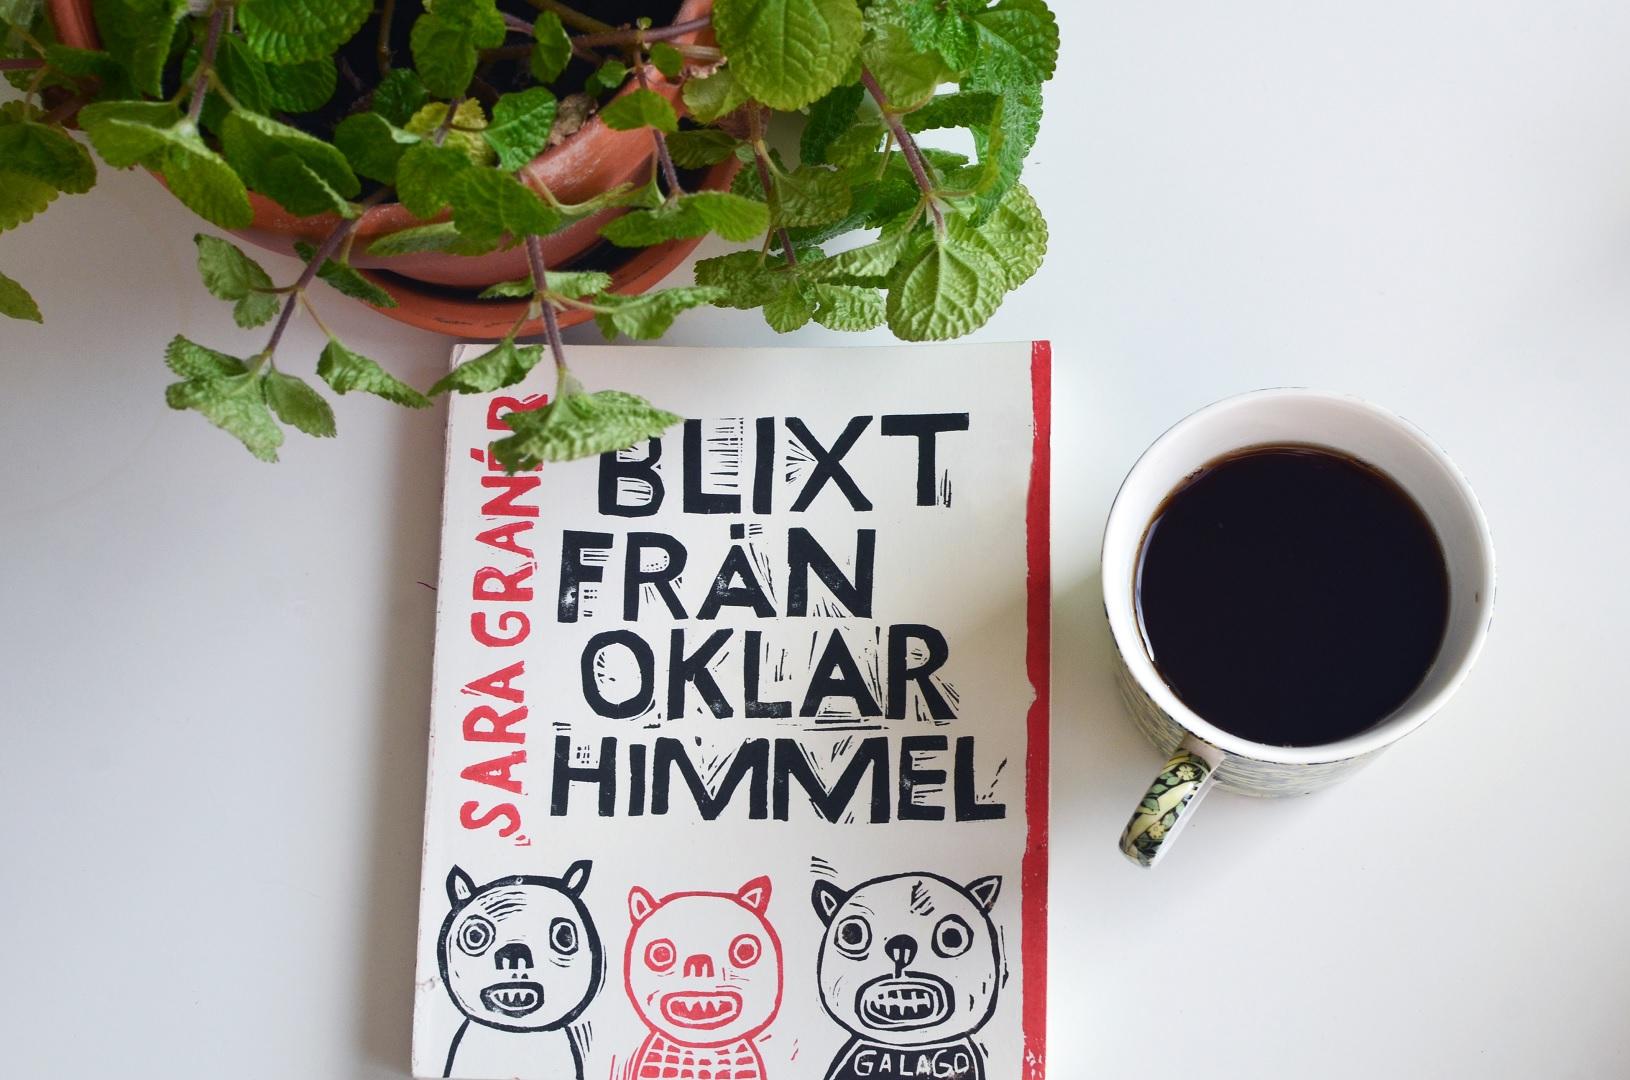 Foto: Ebba Sigeback